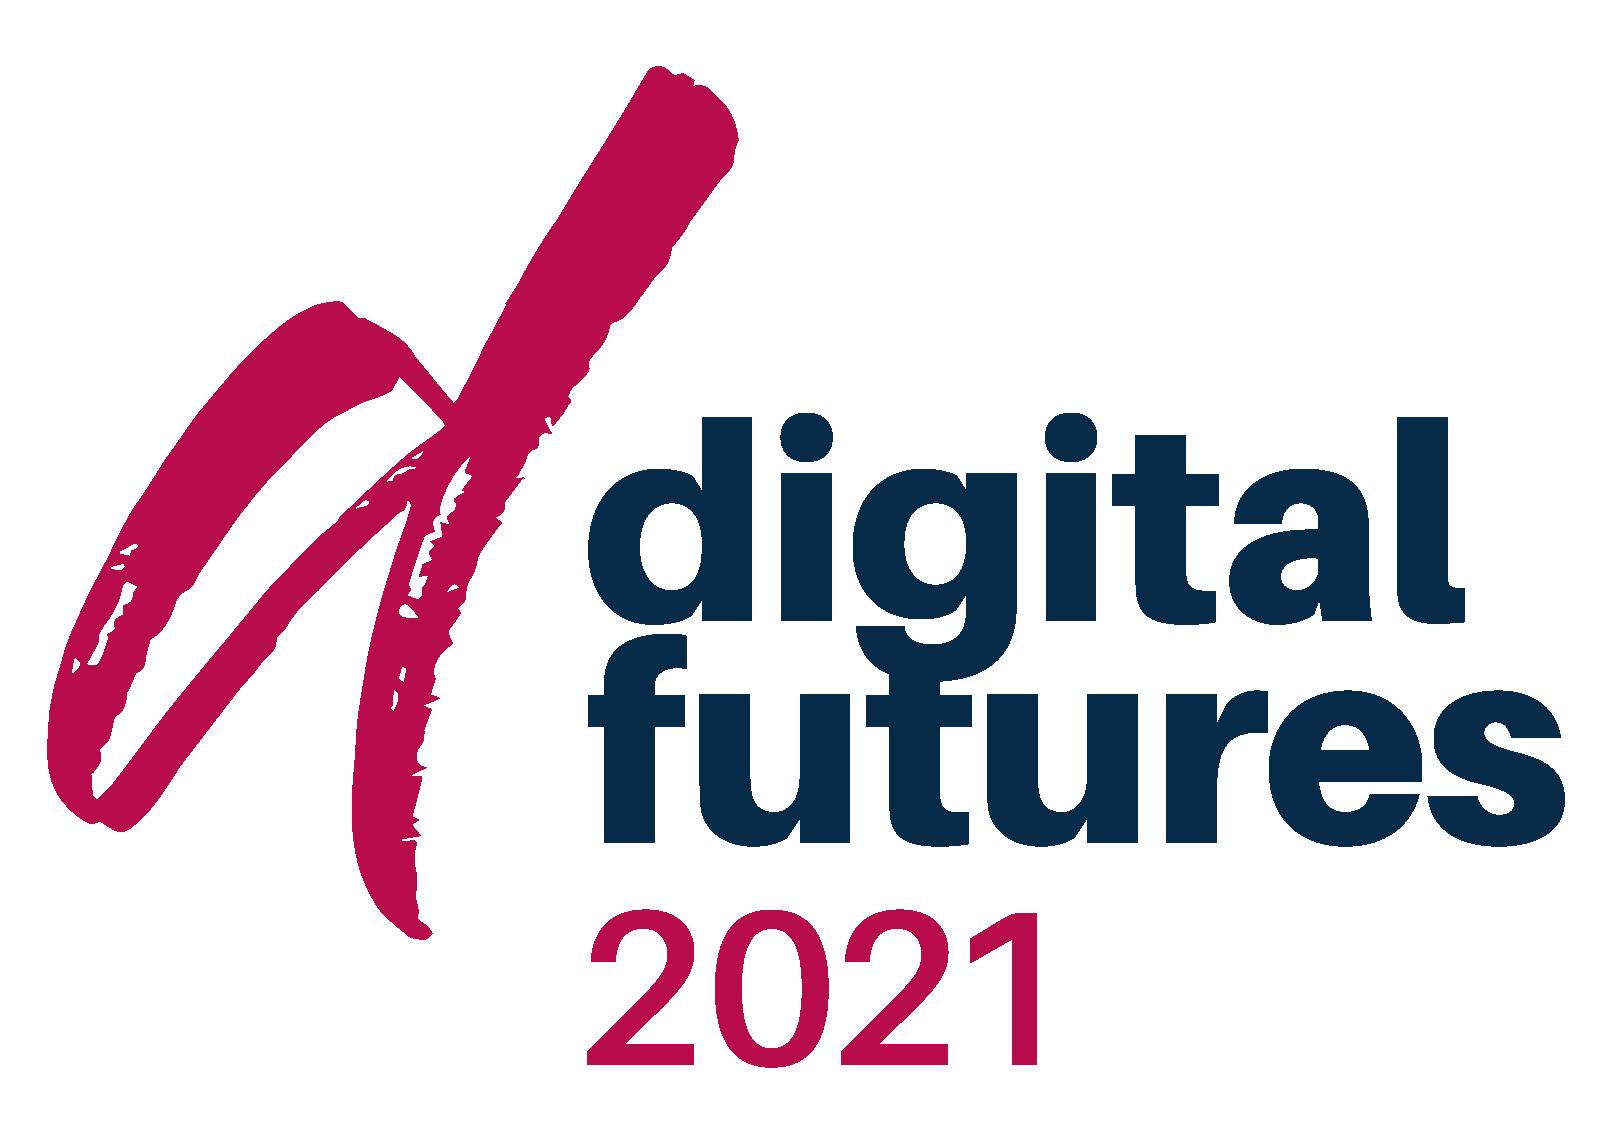 Text: Digital Futures 2021